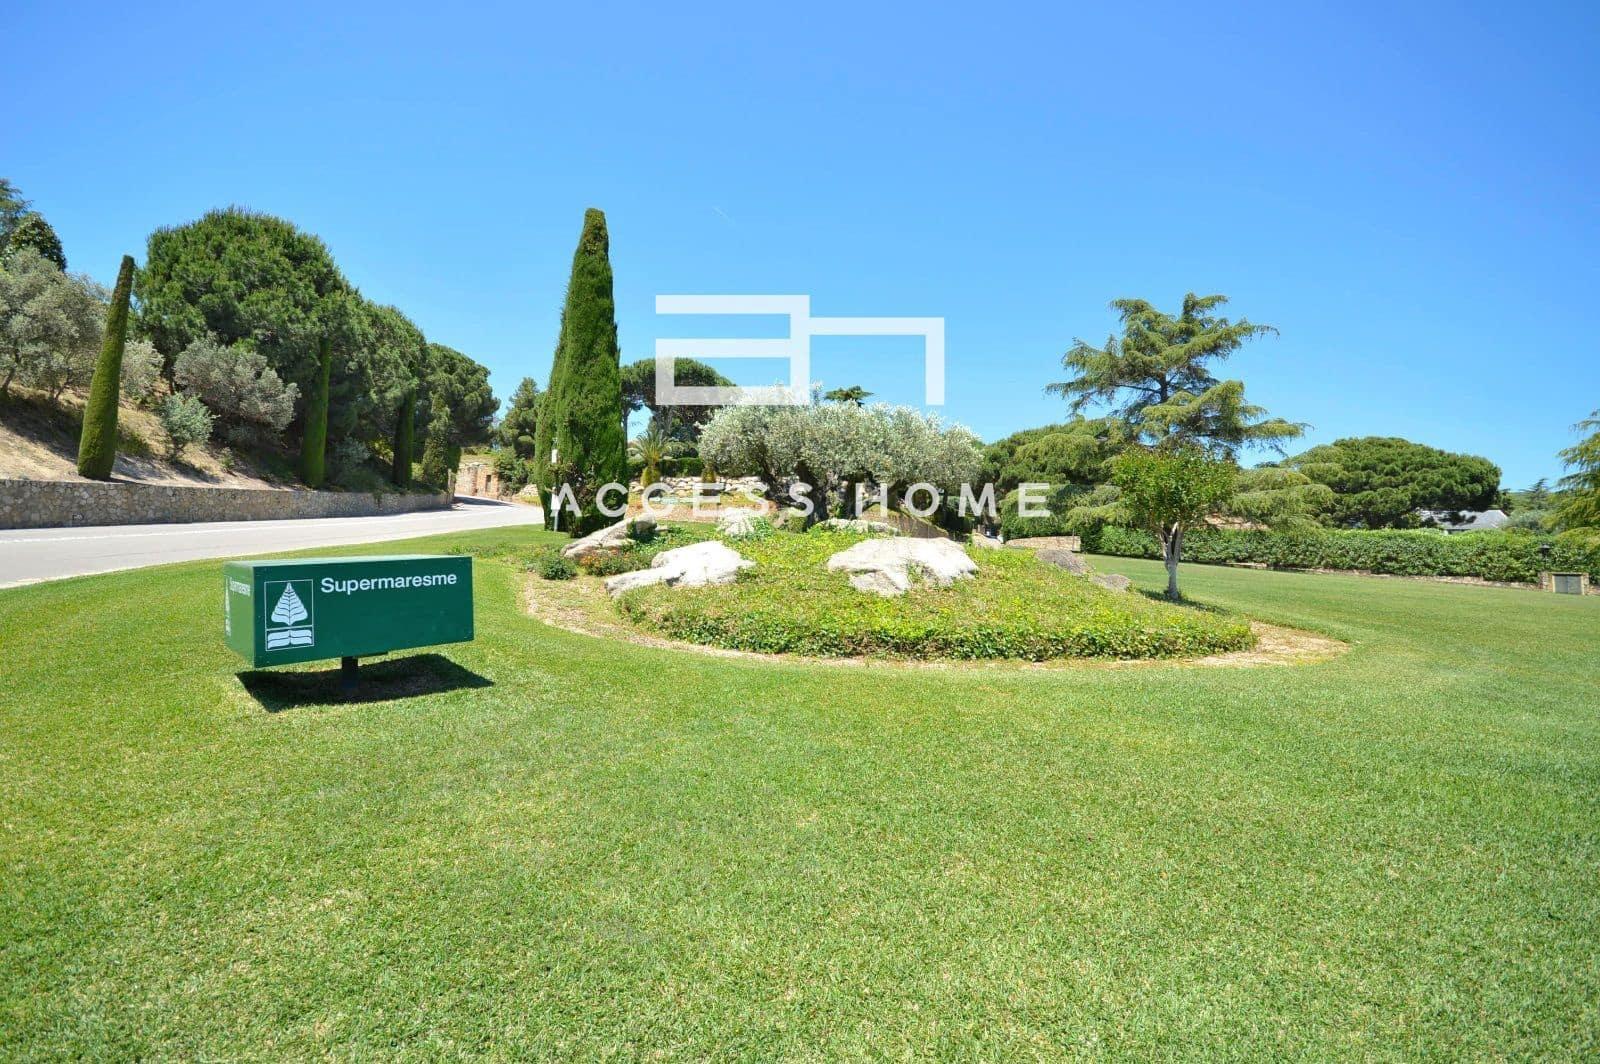 Terreno Não Urbanizado para venda em Sant Vicenc de Montalt - 980 000 € (Ref: 5744135)